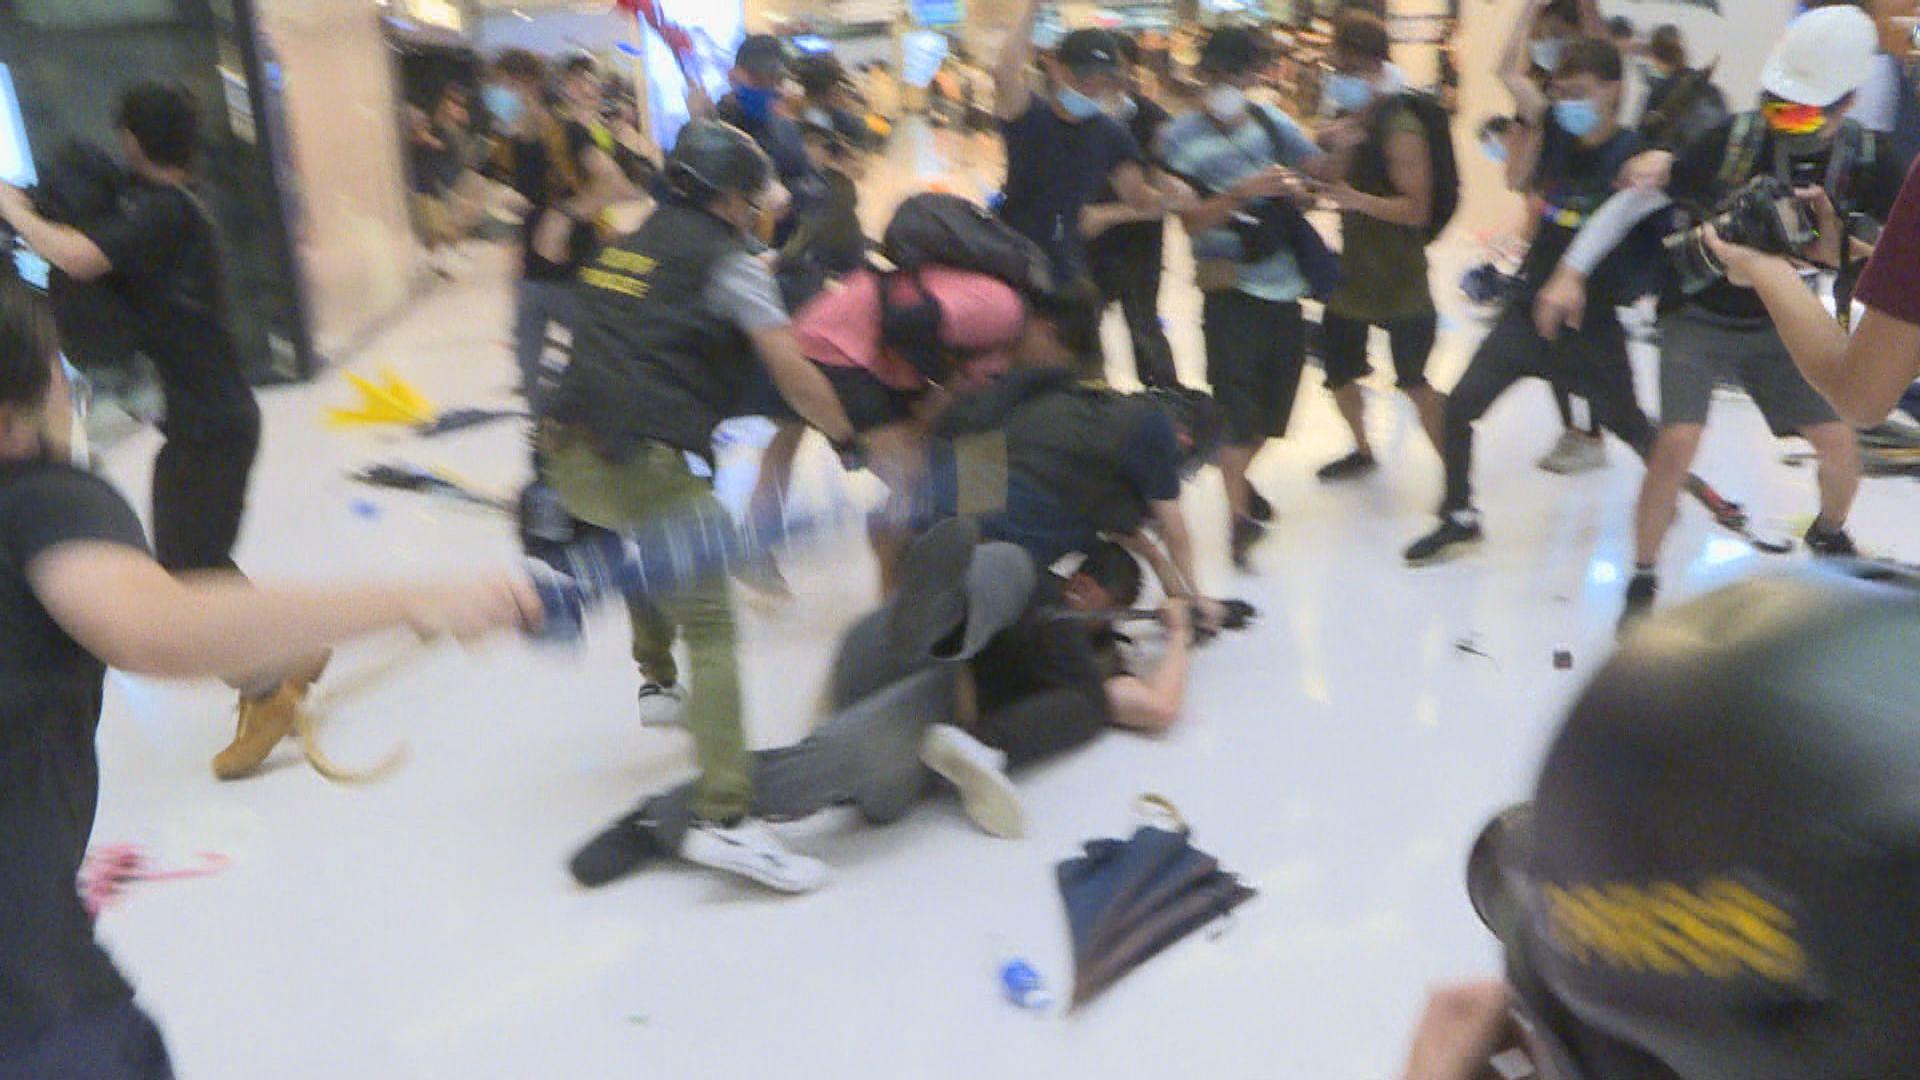 去年沙田新城市衝突 三男認暴動判監3年4個月至4年